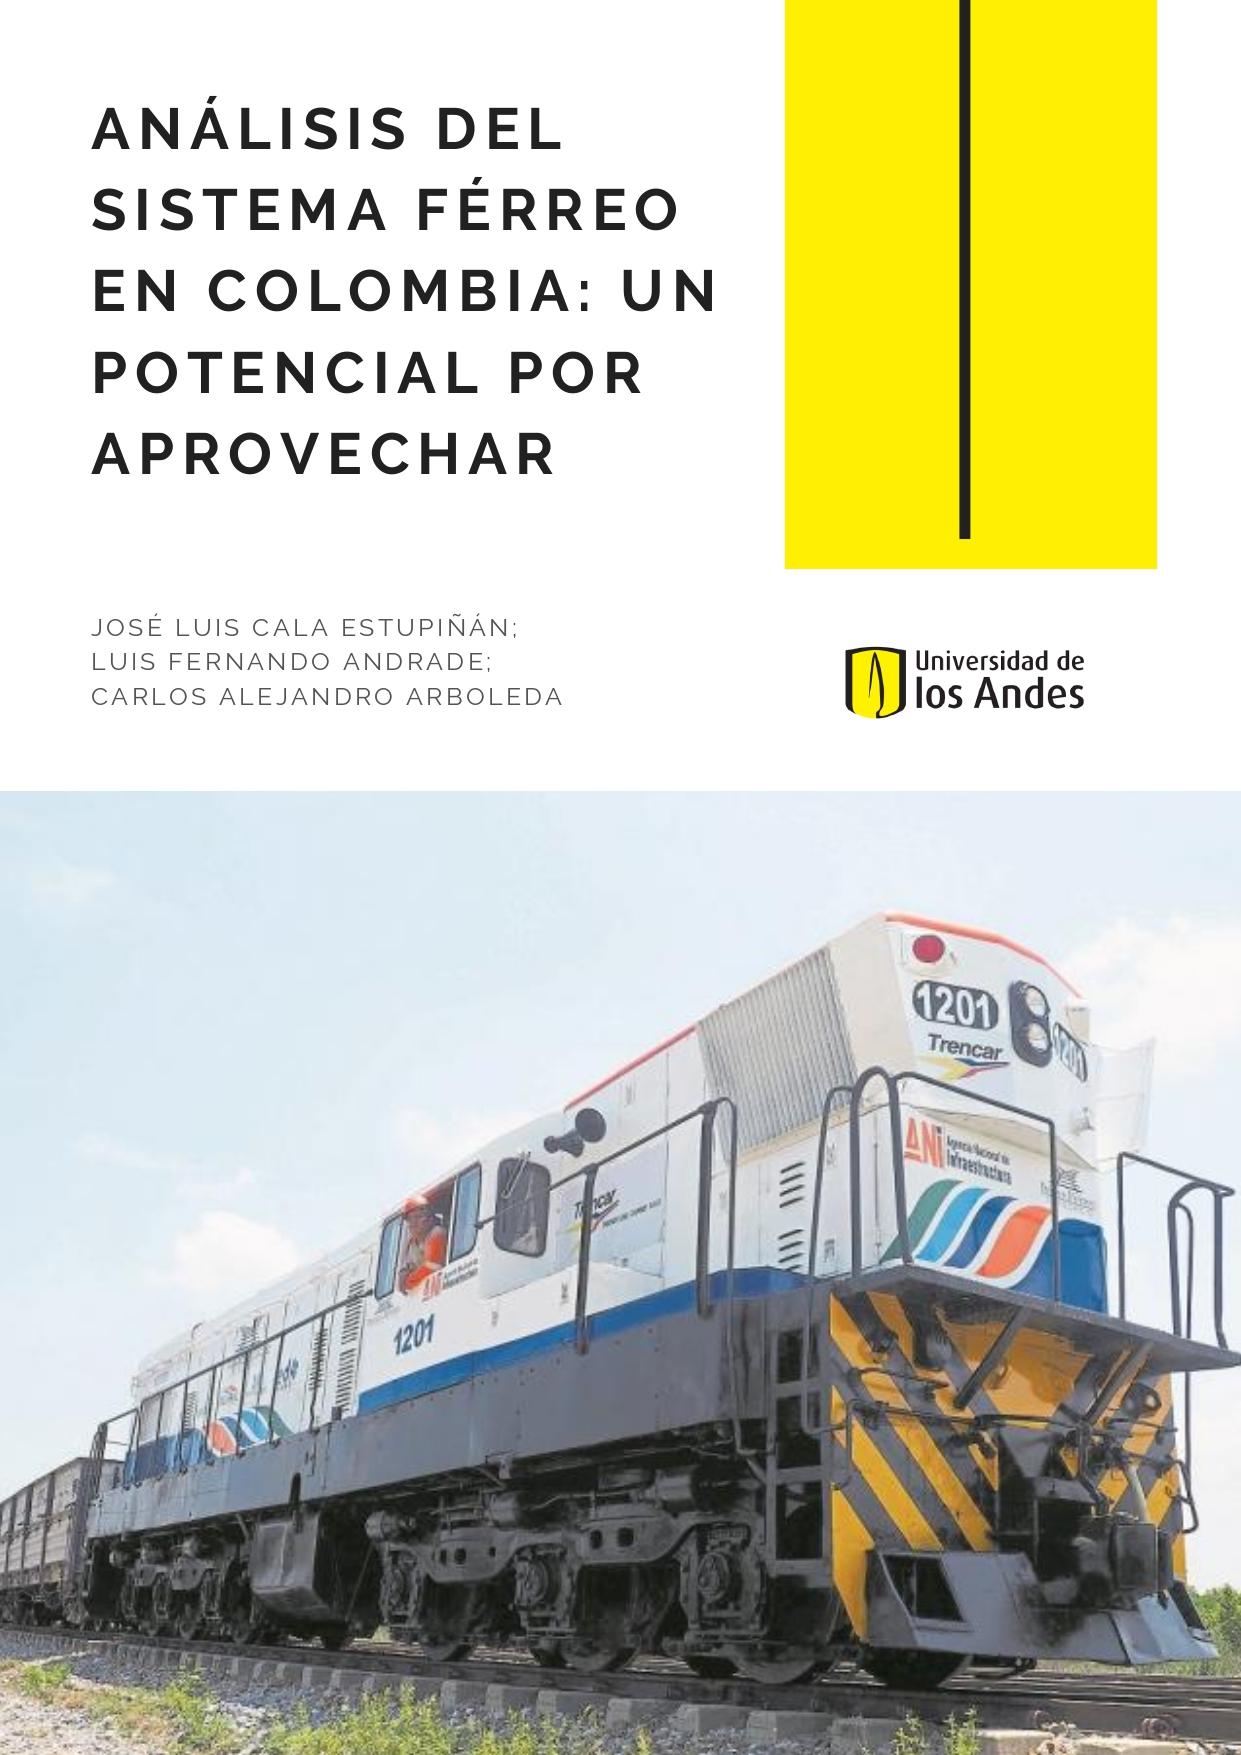 Análisis del sistema férreo en Colombia: un potencial para aprovechar